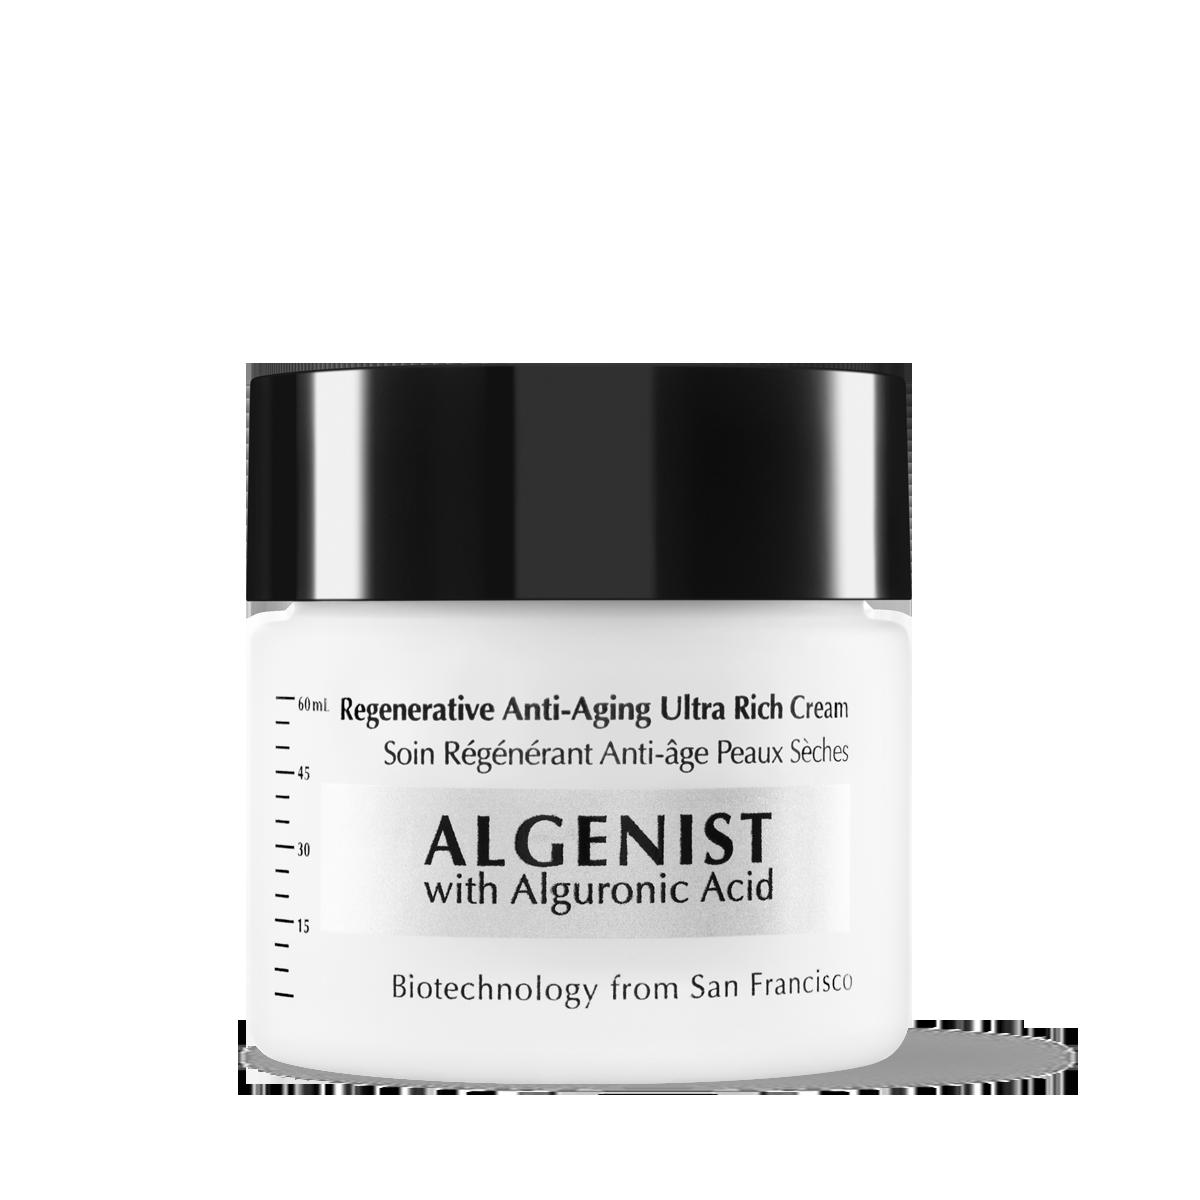 Algenist Regenerative Anti-Aging Ultra Rich Cream